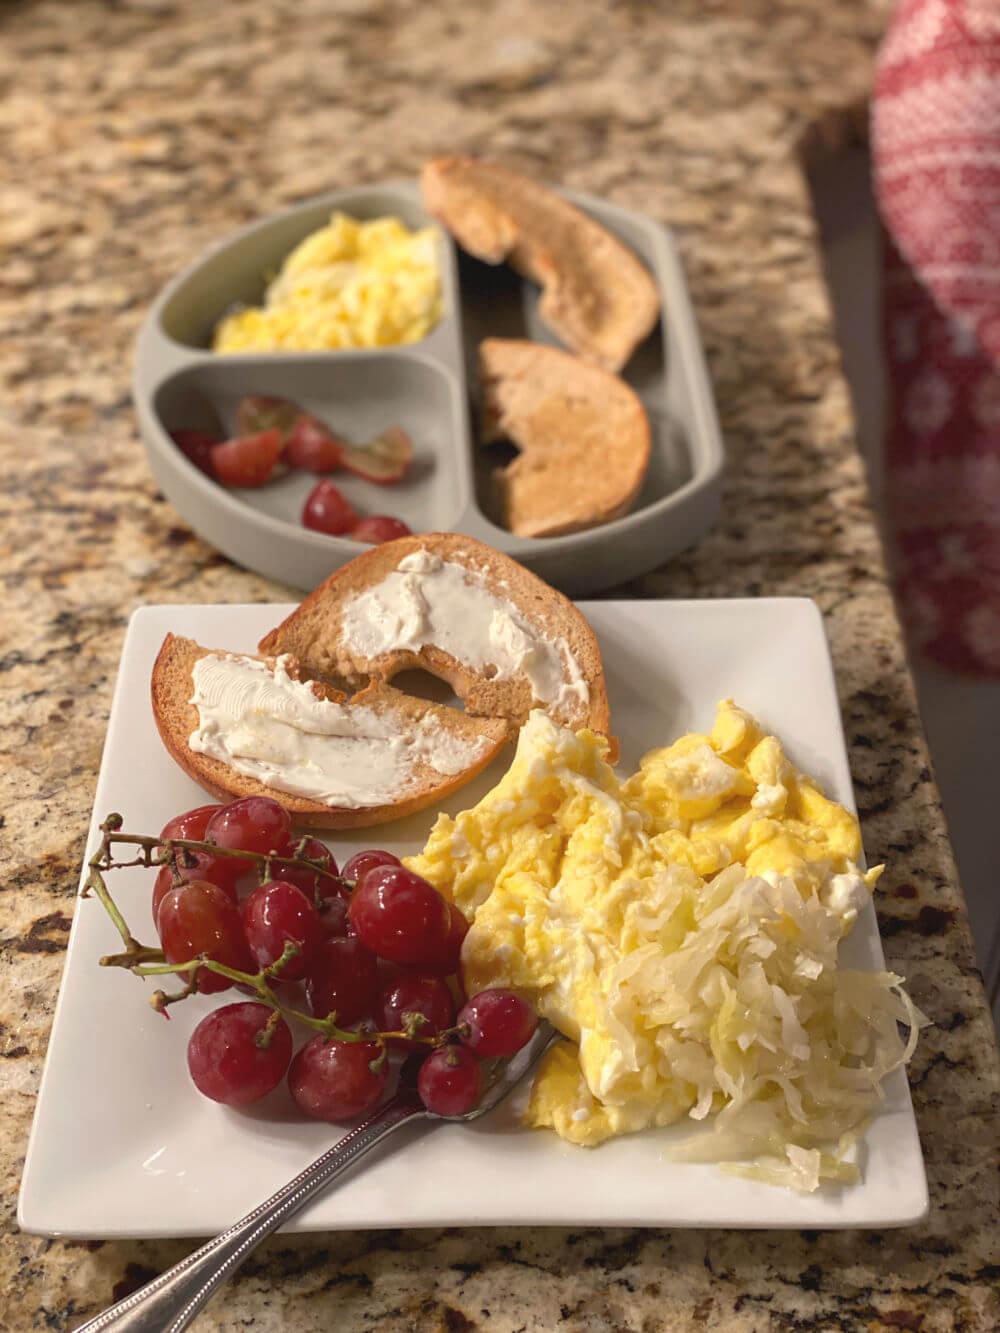 scrambled eggs with sauerkraut